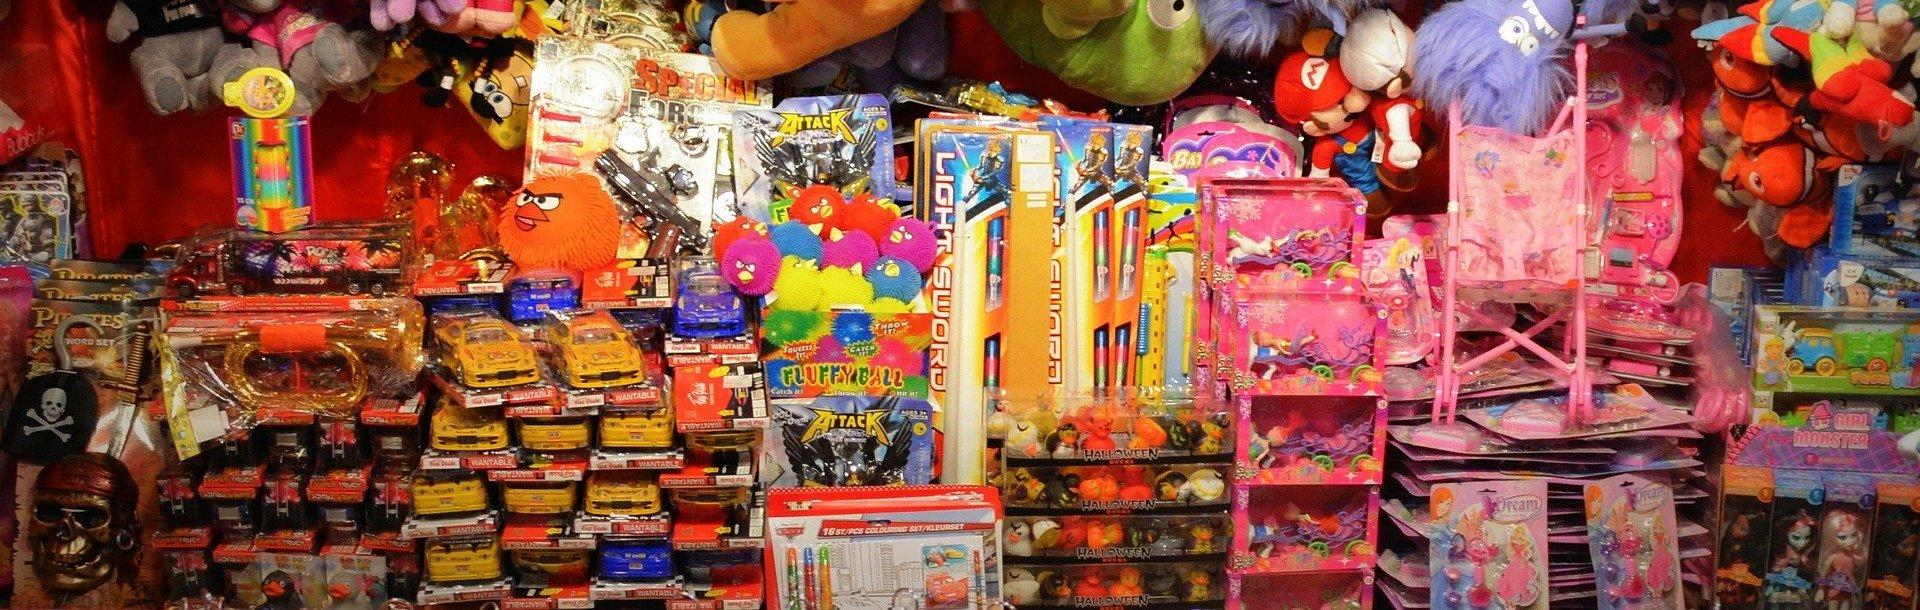 onveilig speelgoed